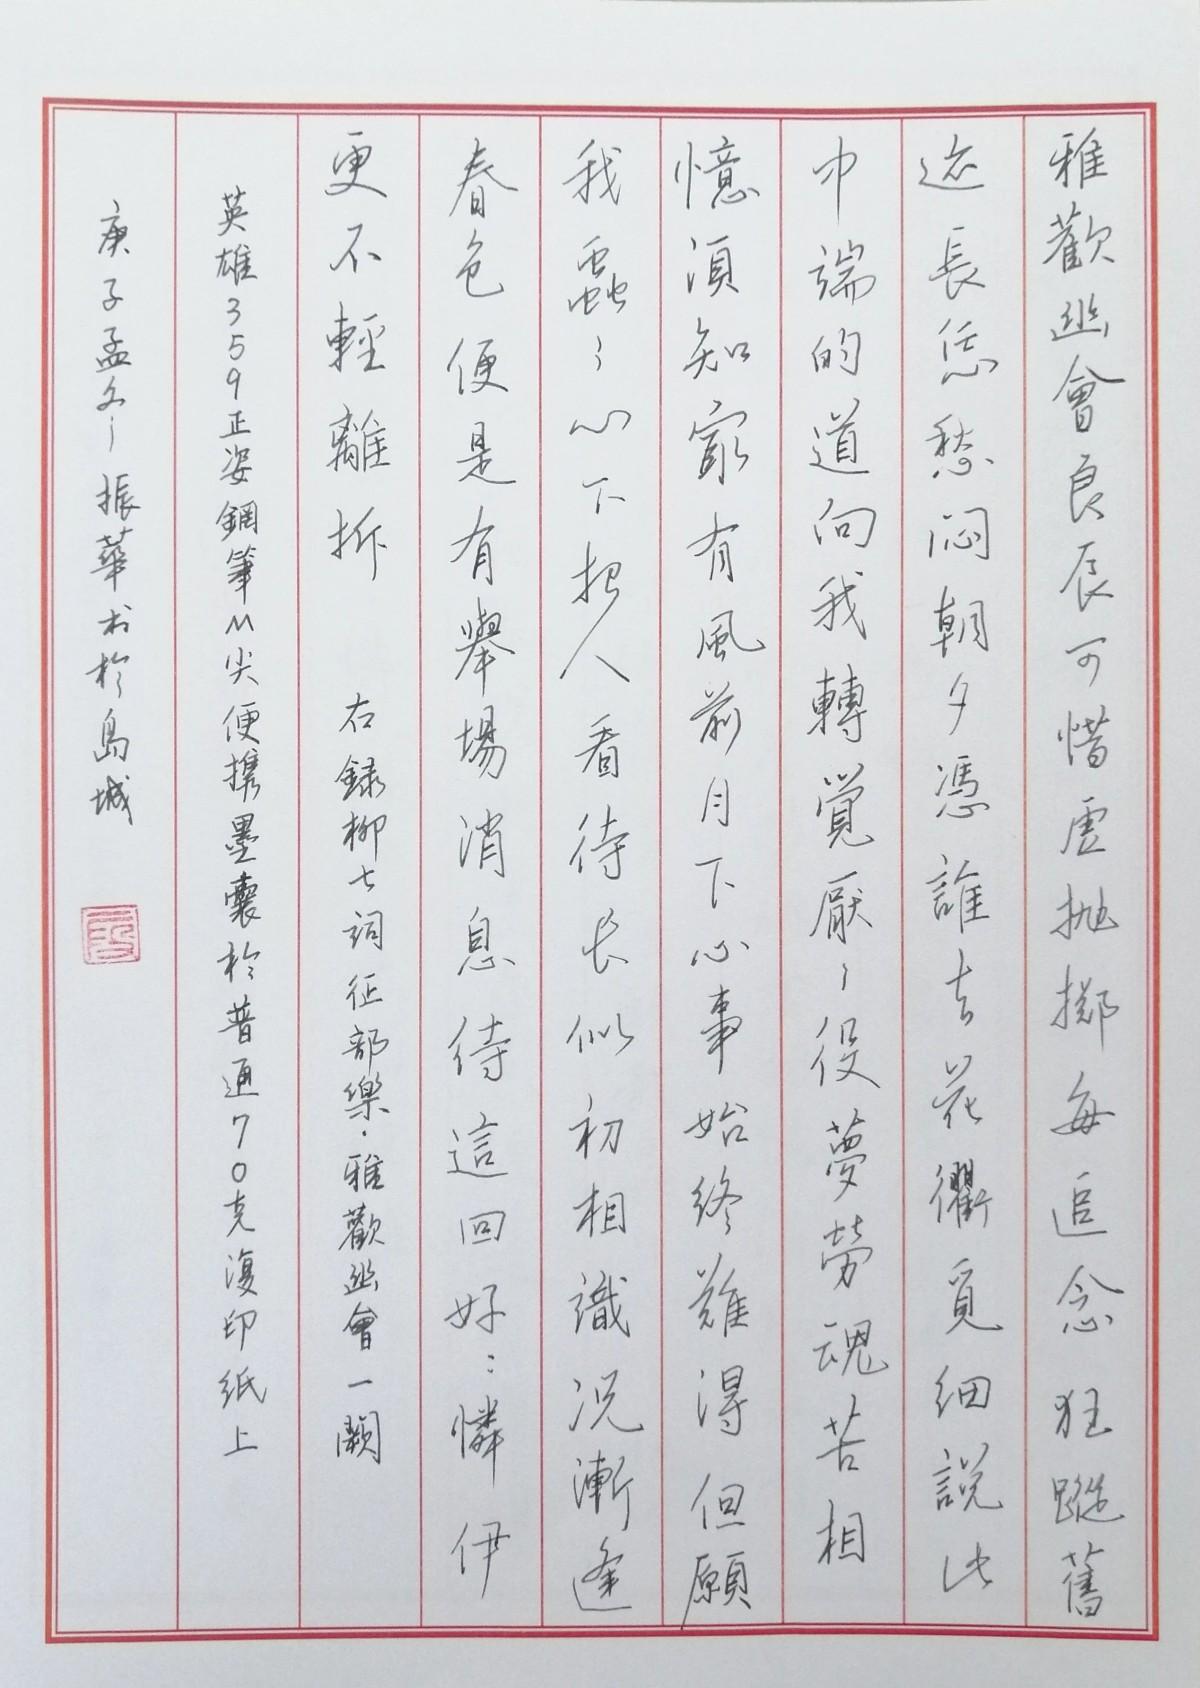 钢笔爱好者练字打卡20201110-16